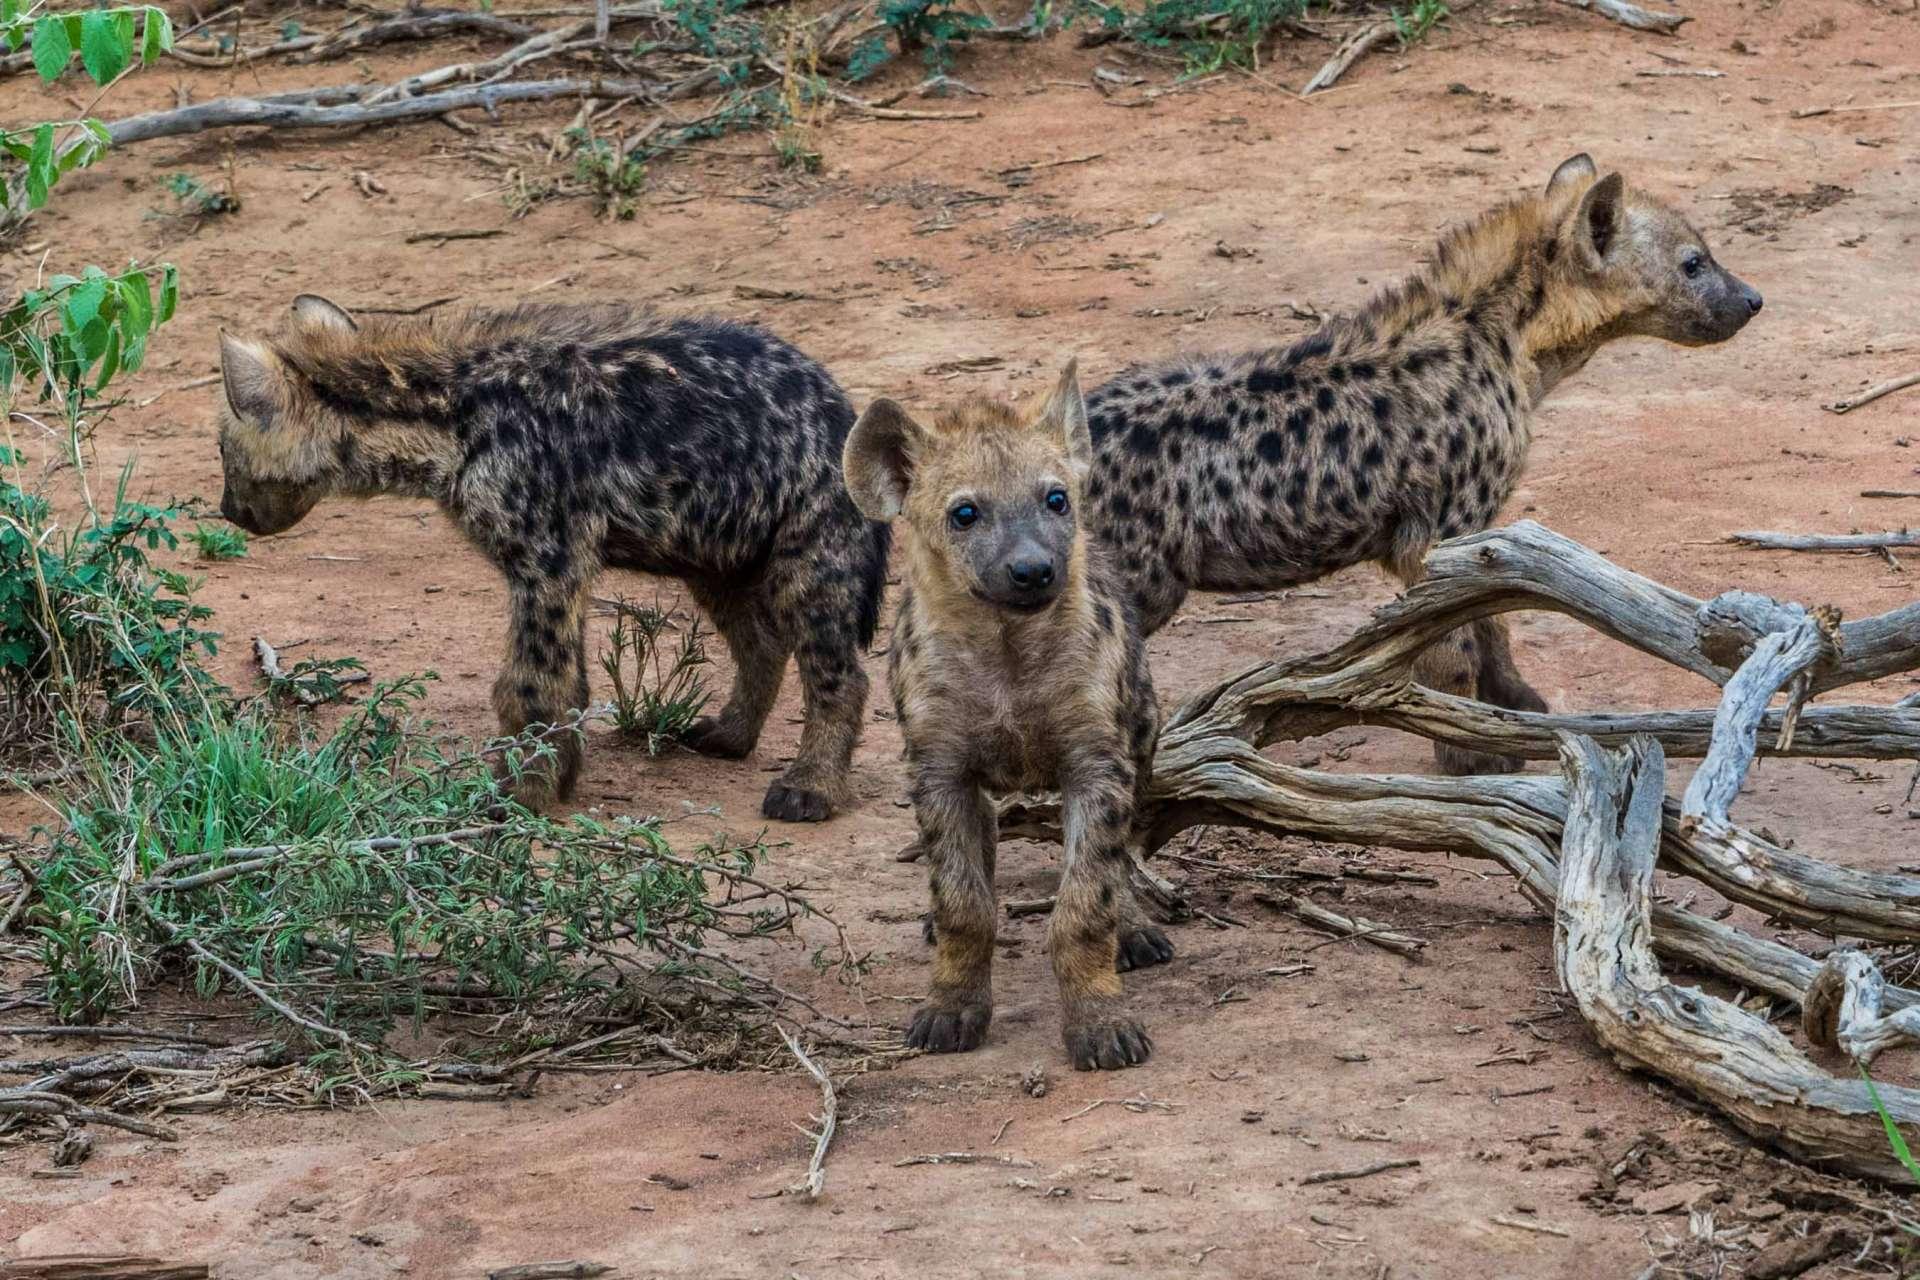 south africa safari madikwe pescart hyenas 2